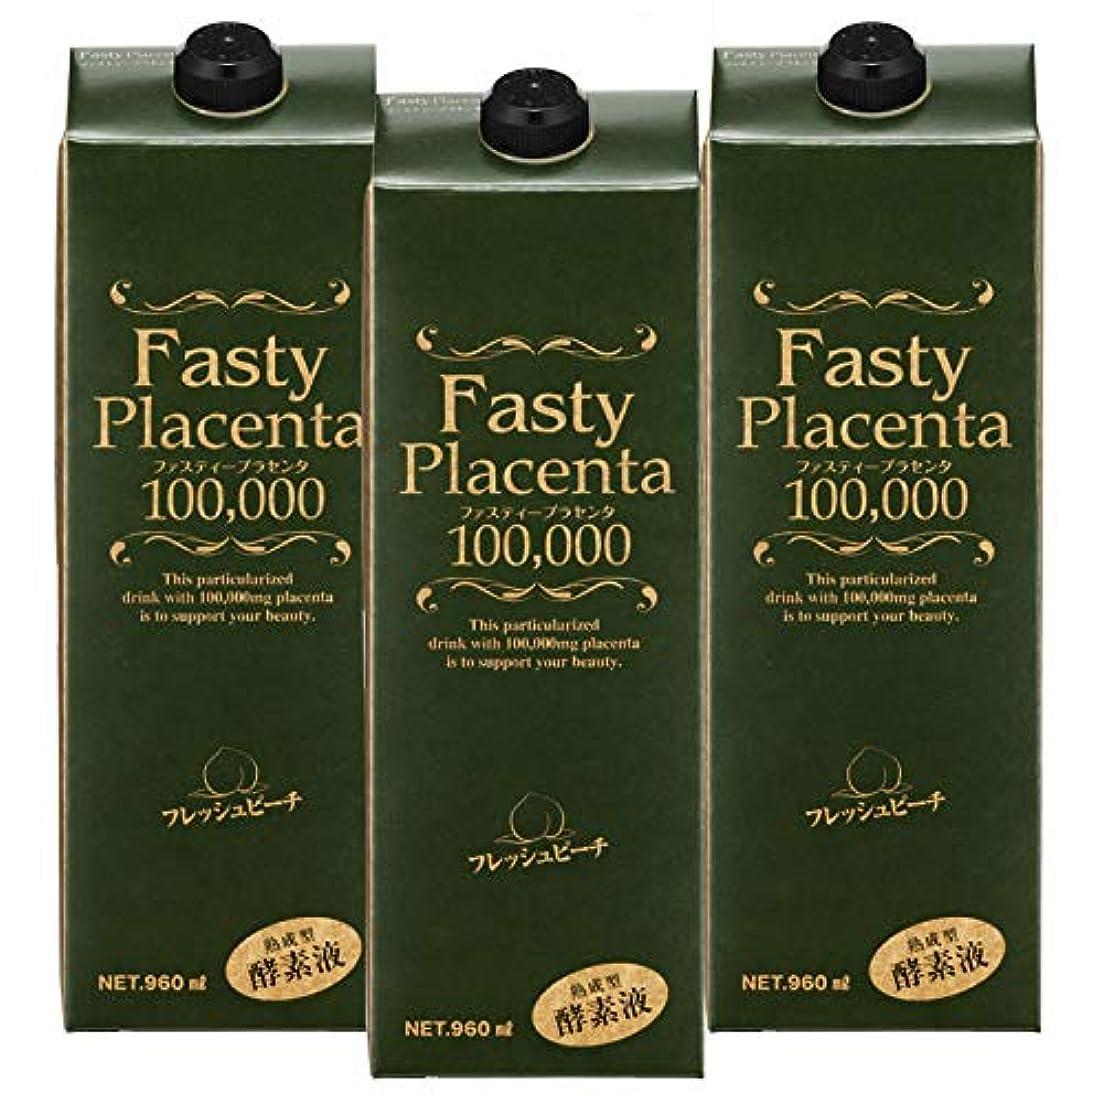 リース壊すベルファスティープラセンタ100,000 増量パック(フレッシュピーチ味) 3本